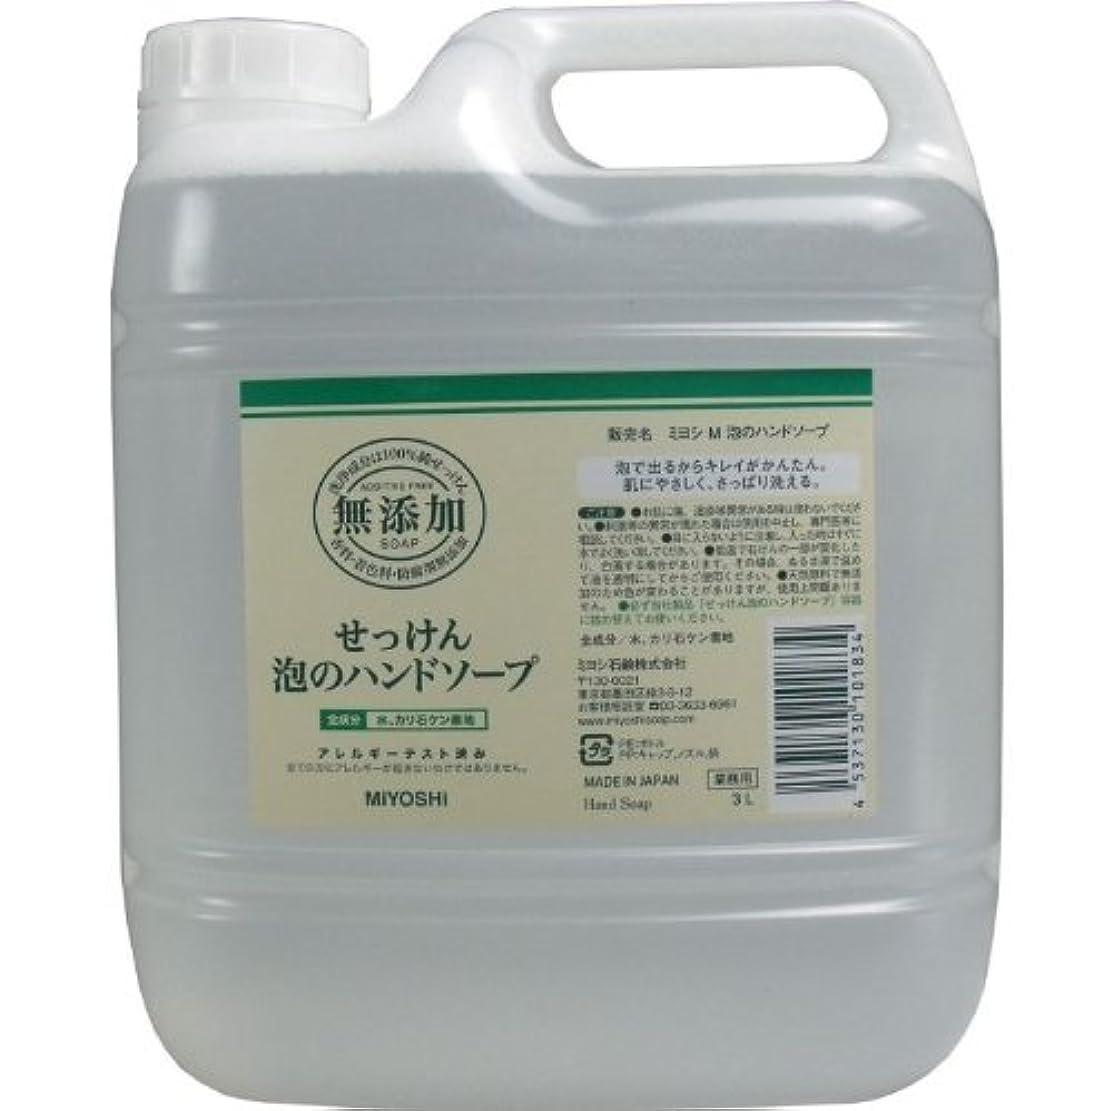 牧師哲学博士とにかく泡で出るからキレイが簡単!家事の間のサッと洗いも簡単!香料、着色料、防腐剤無添加!(業務用)3L